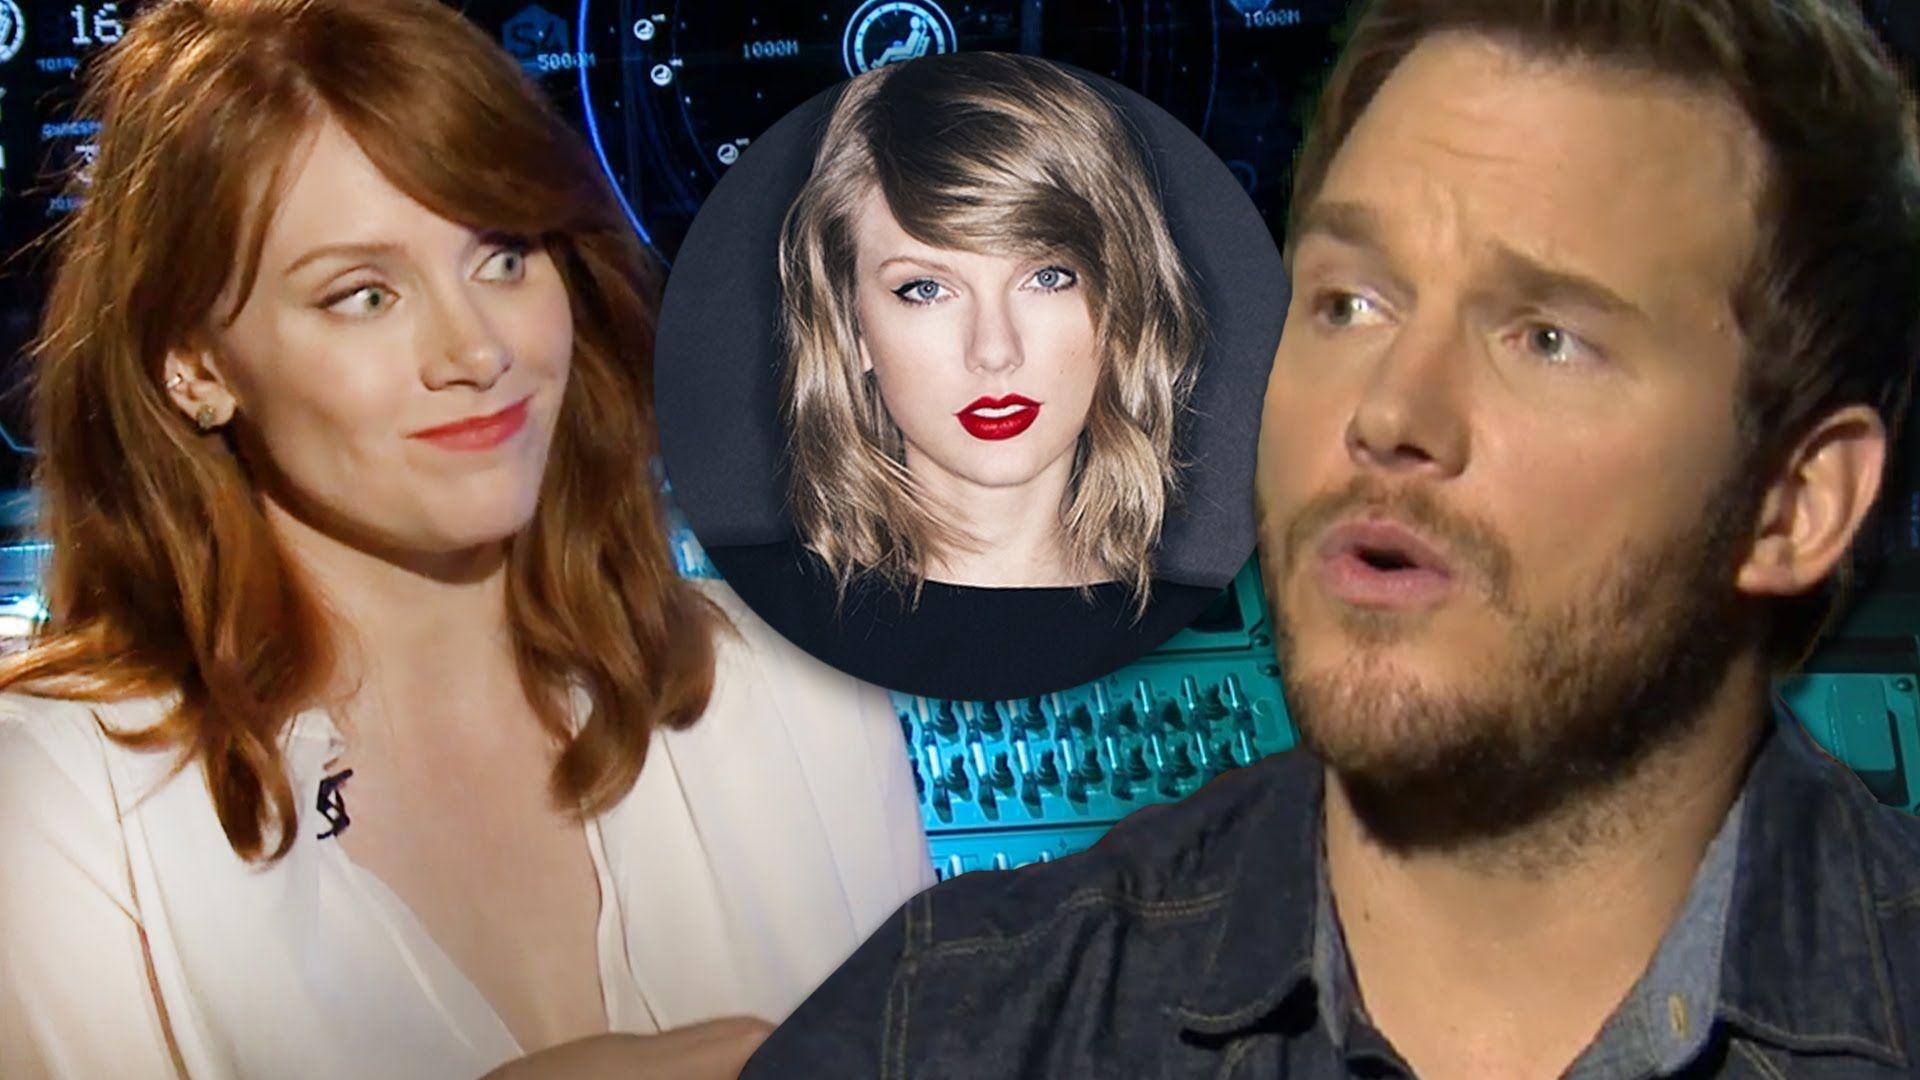 Chris Pratt Wants To Hunt Taylor Swift, Justin Bieber, & Llamas!?